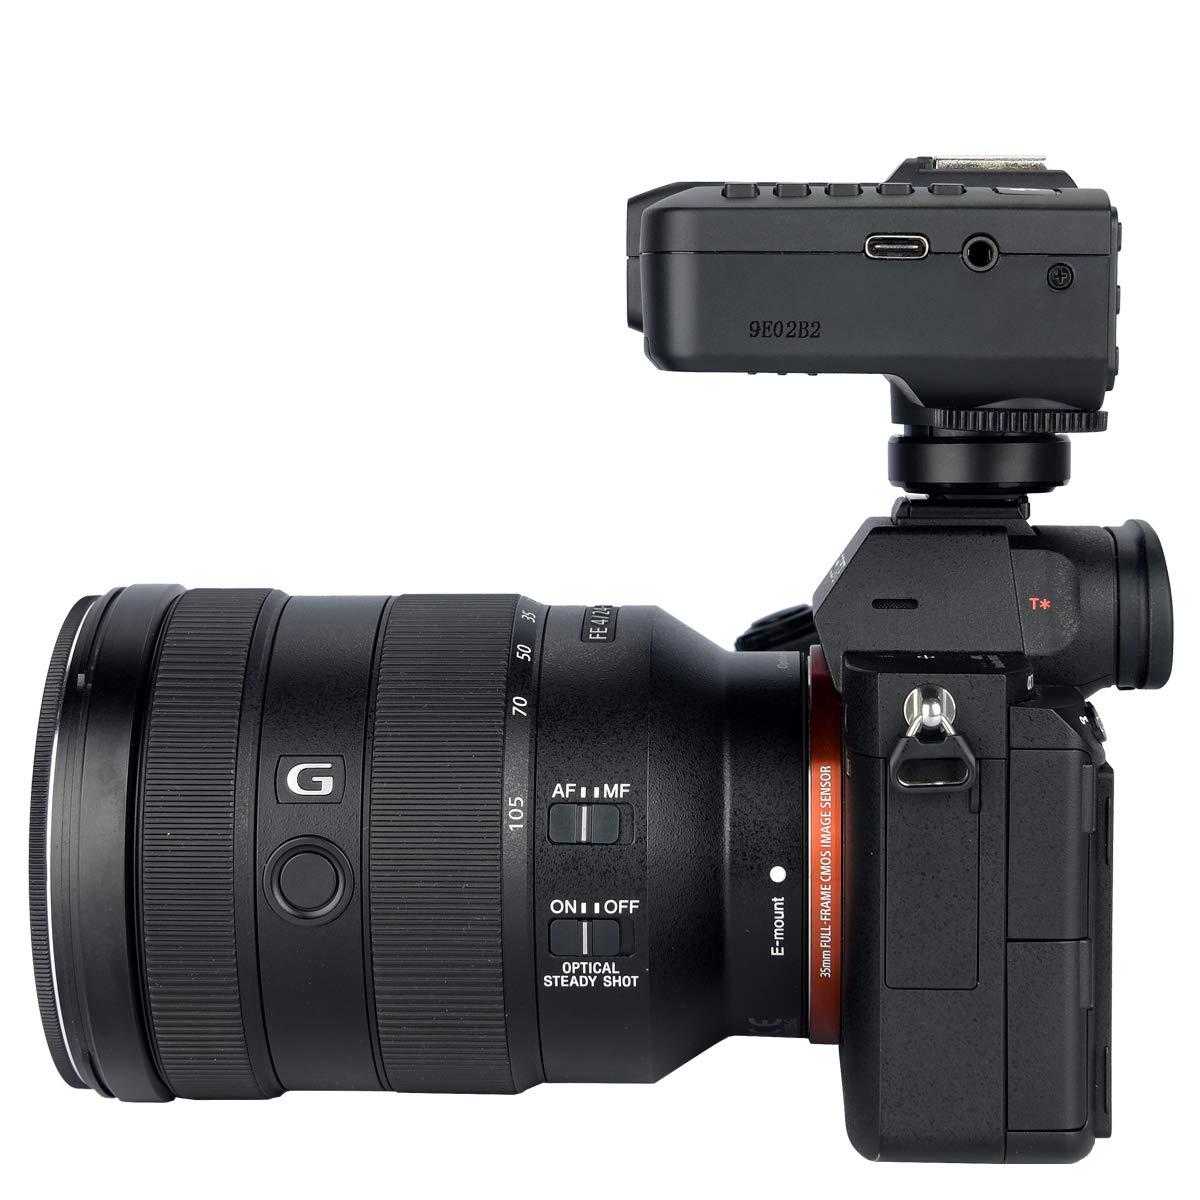 Godox X2T-S TTL Wireless Flash Trigger 1/8000s HSS TTL, Phone APP Adjustment, Compatible Sony (X2T-S) by Godox (Image #9)